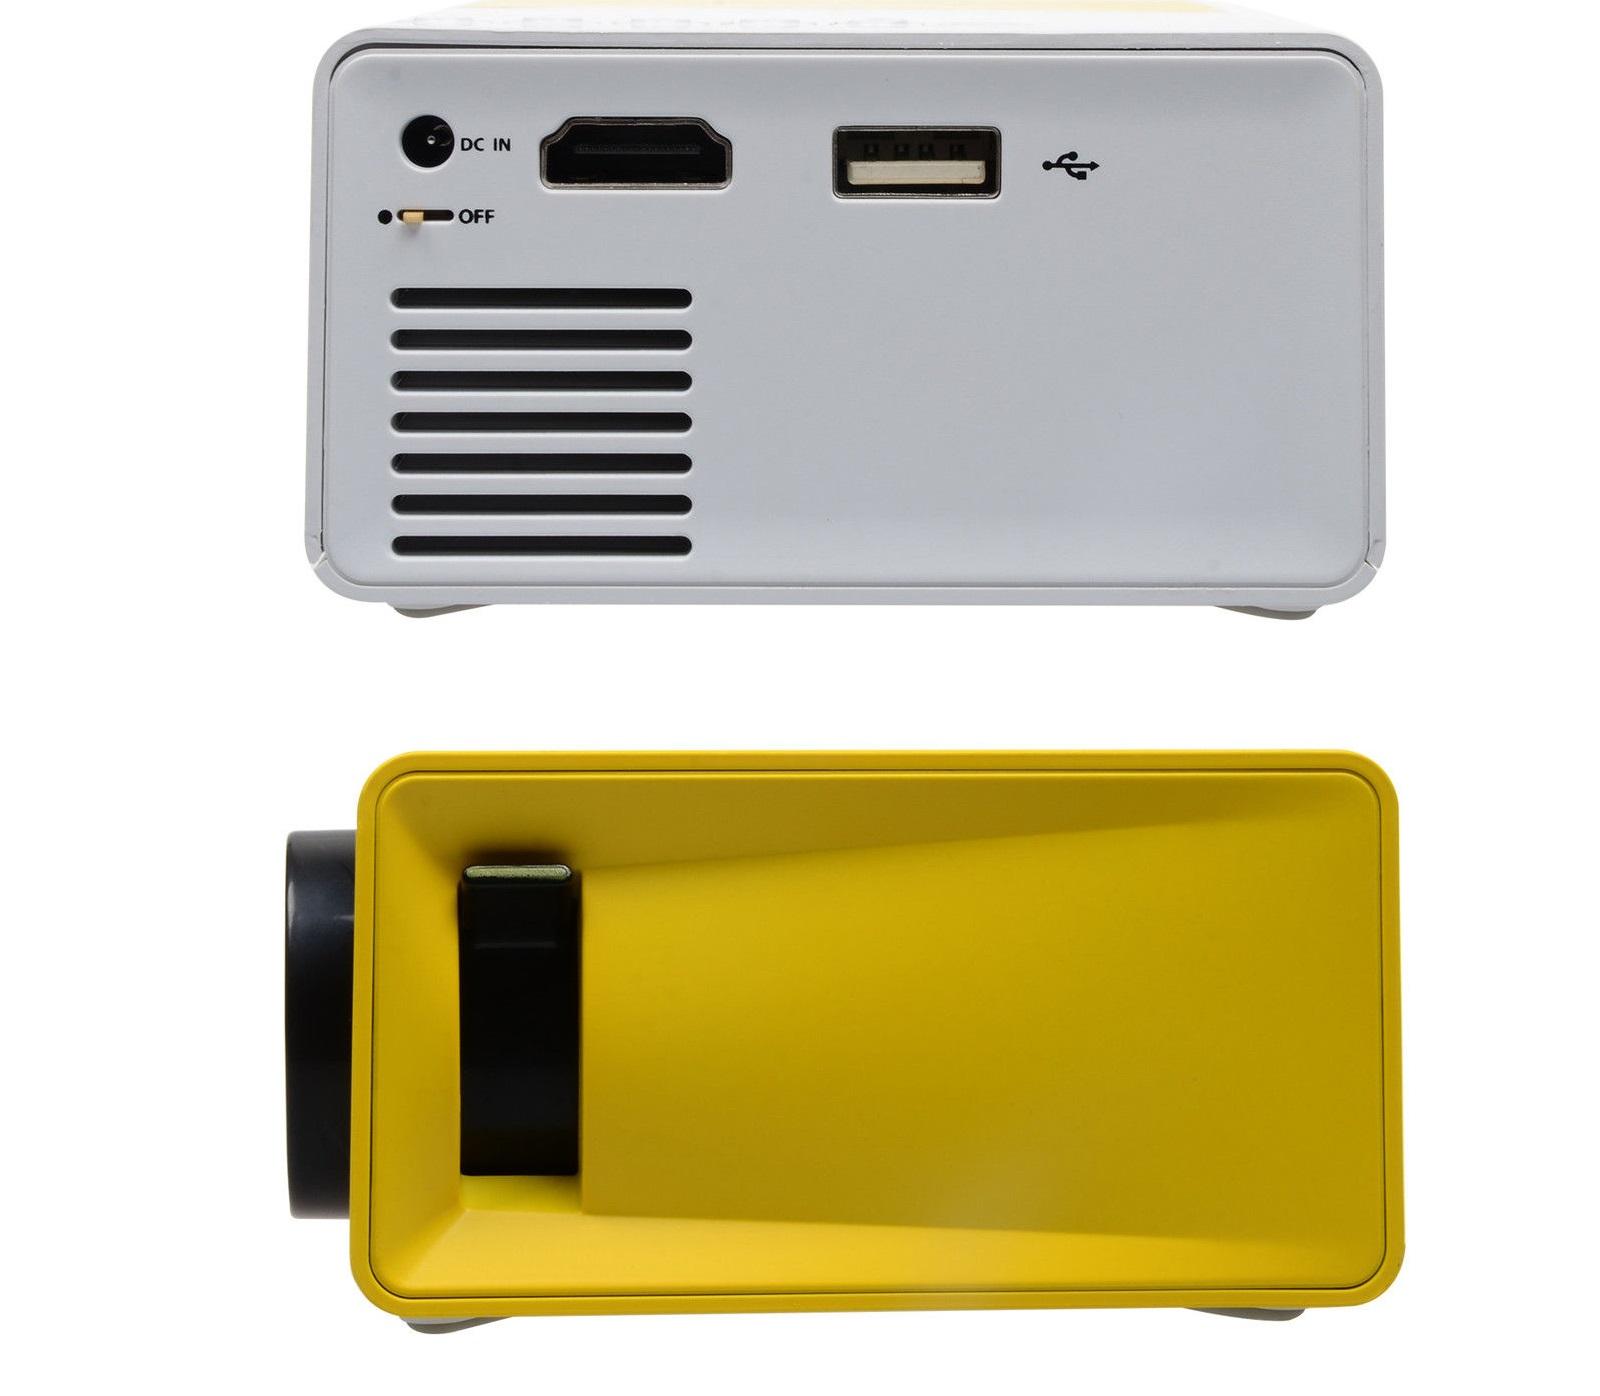 מקרן מולטימדיה נייד HD עוצמתי, עד 80 אינץ' בטכנולוגיית LED כולל שלט רחוק וסוללה נטענת חיבור HDMI  - משלוח חינם - תמונה 3